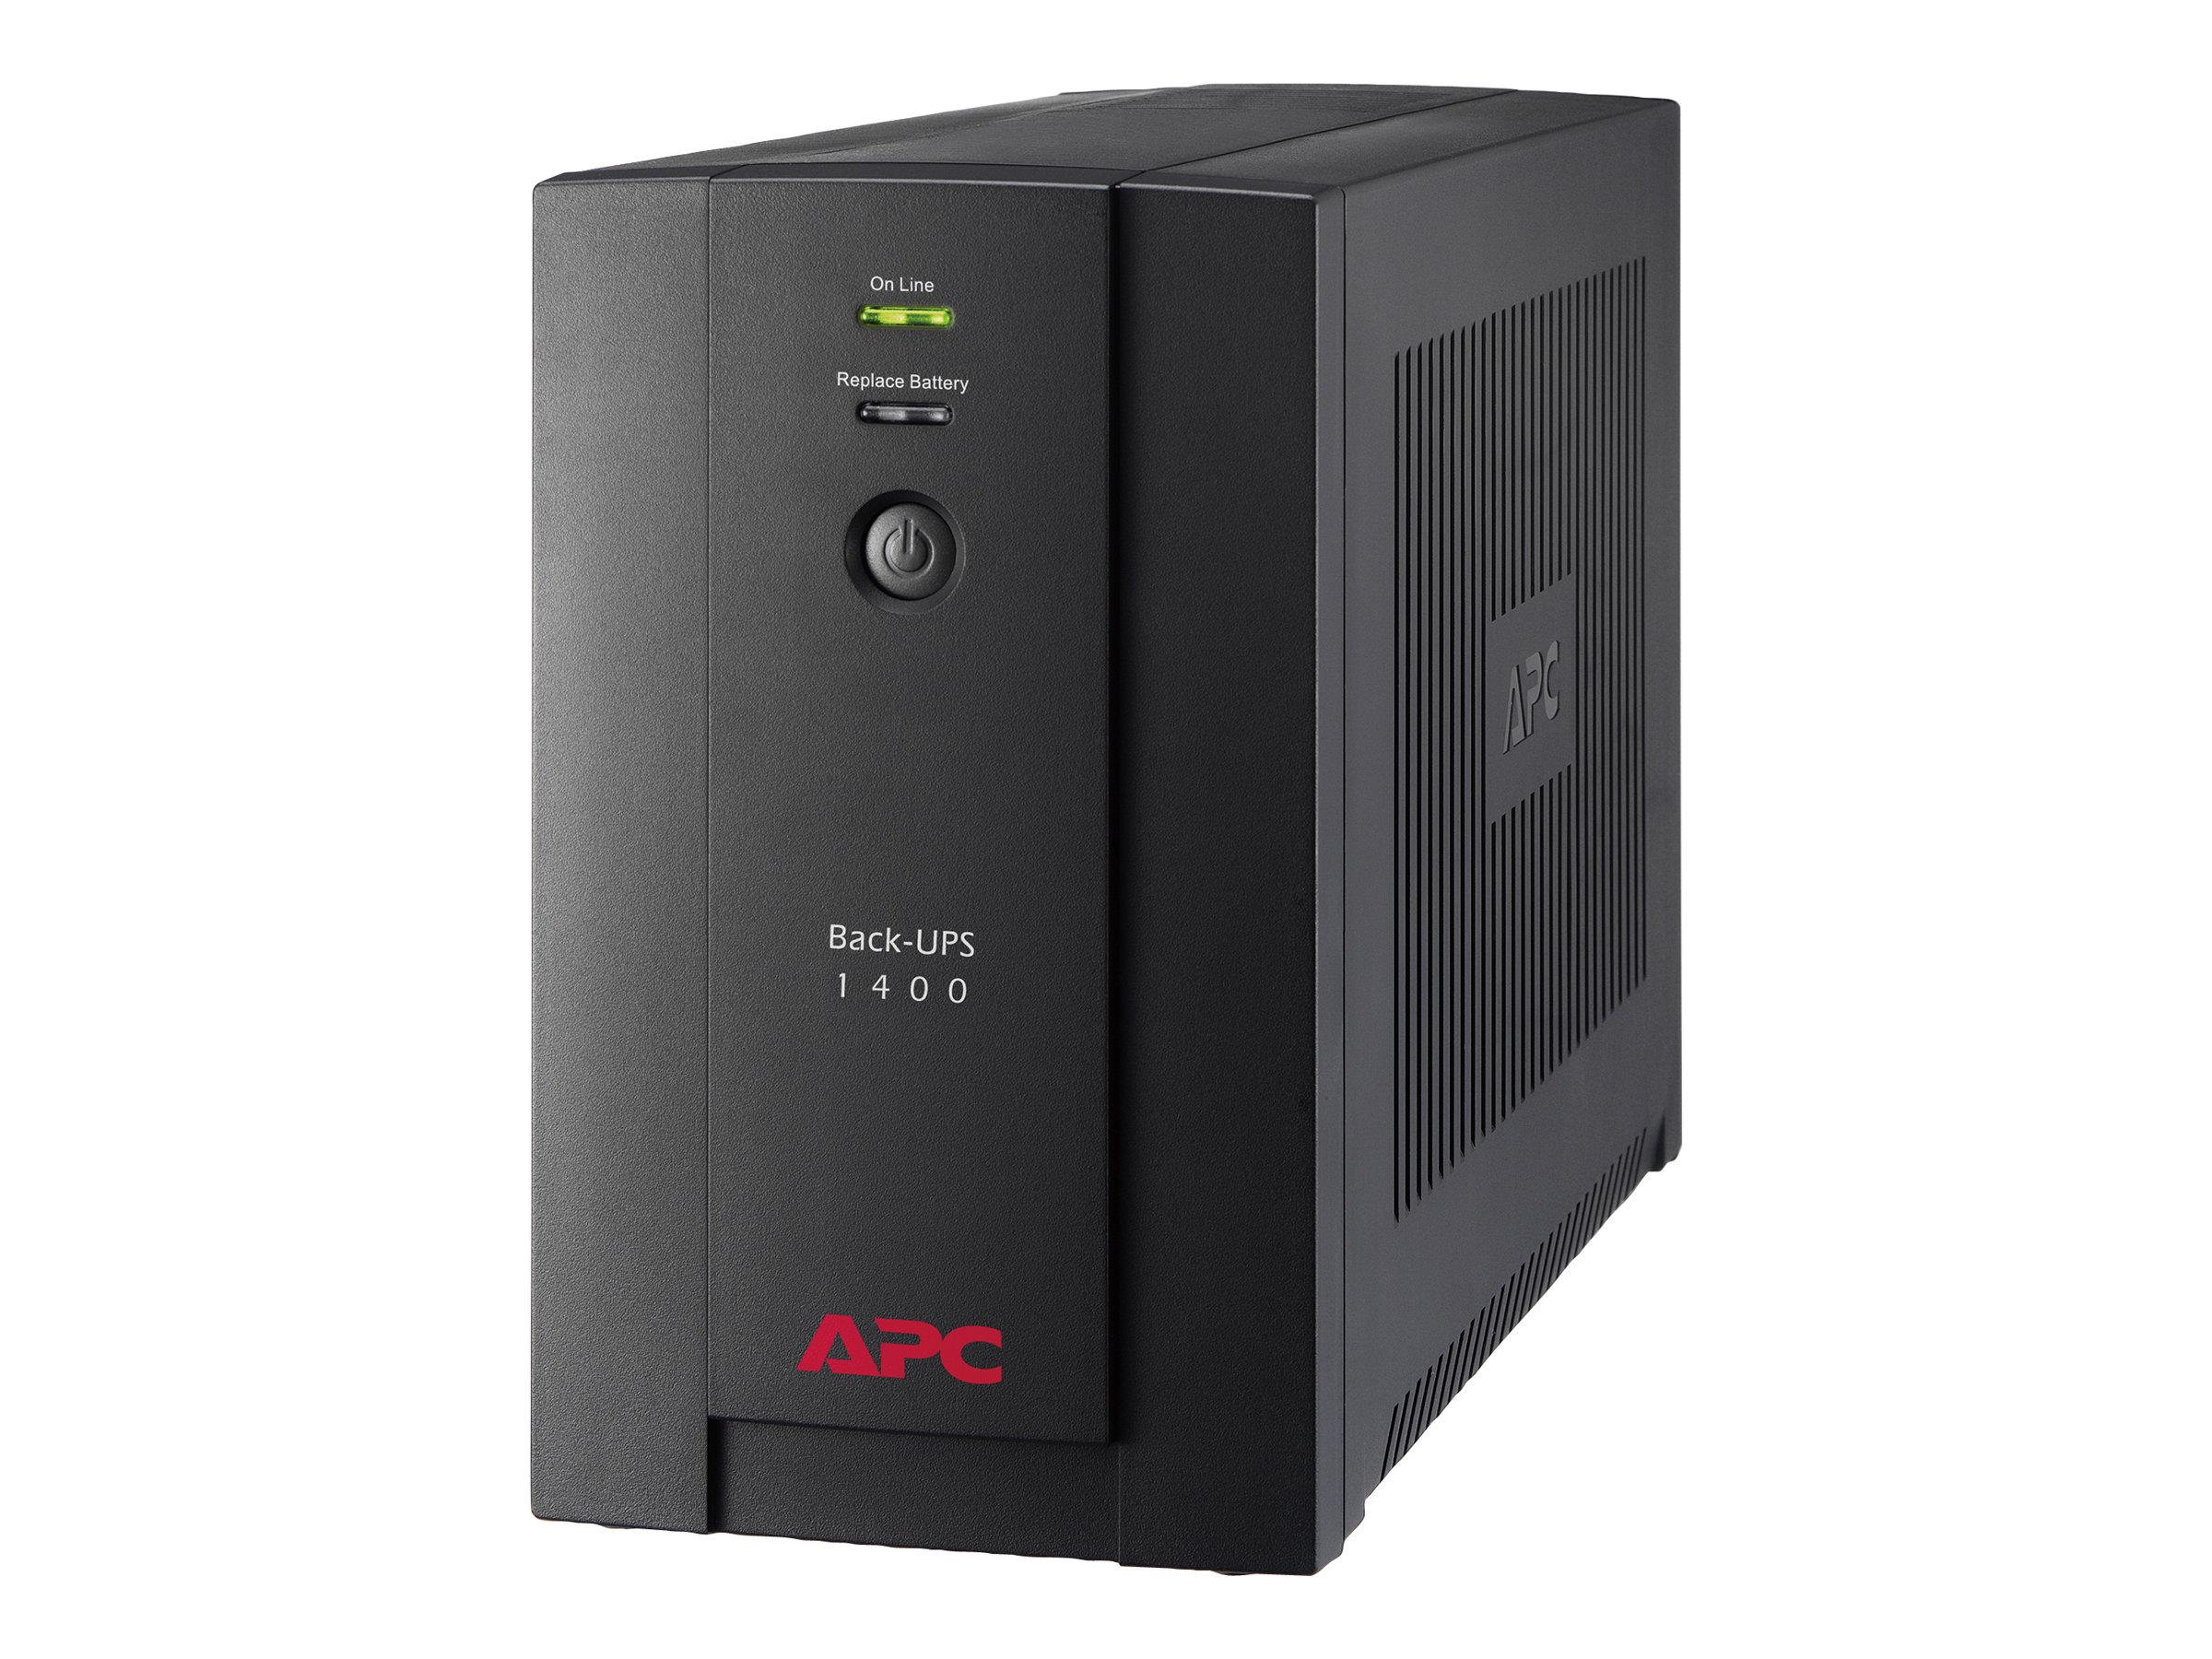 APC Back-UPS 1400VA - USV - Wechselstrom 230 V - 700 Watt - 1400 VA - USB